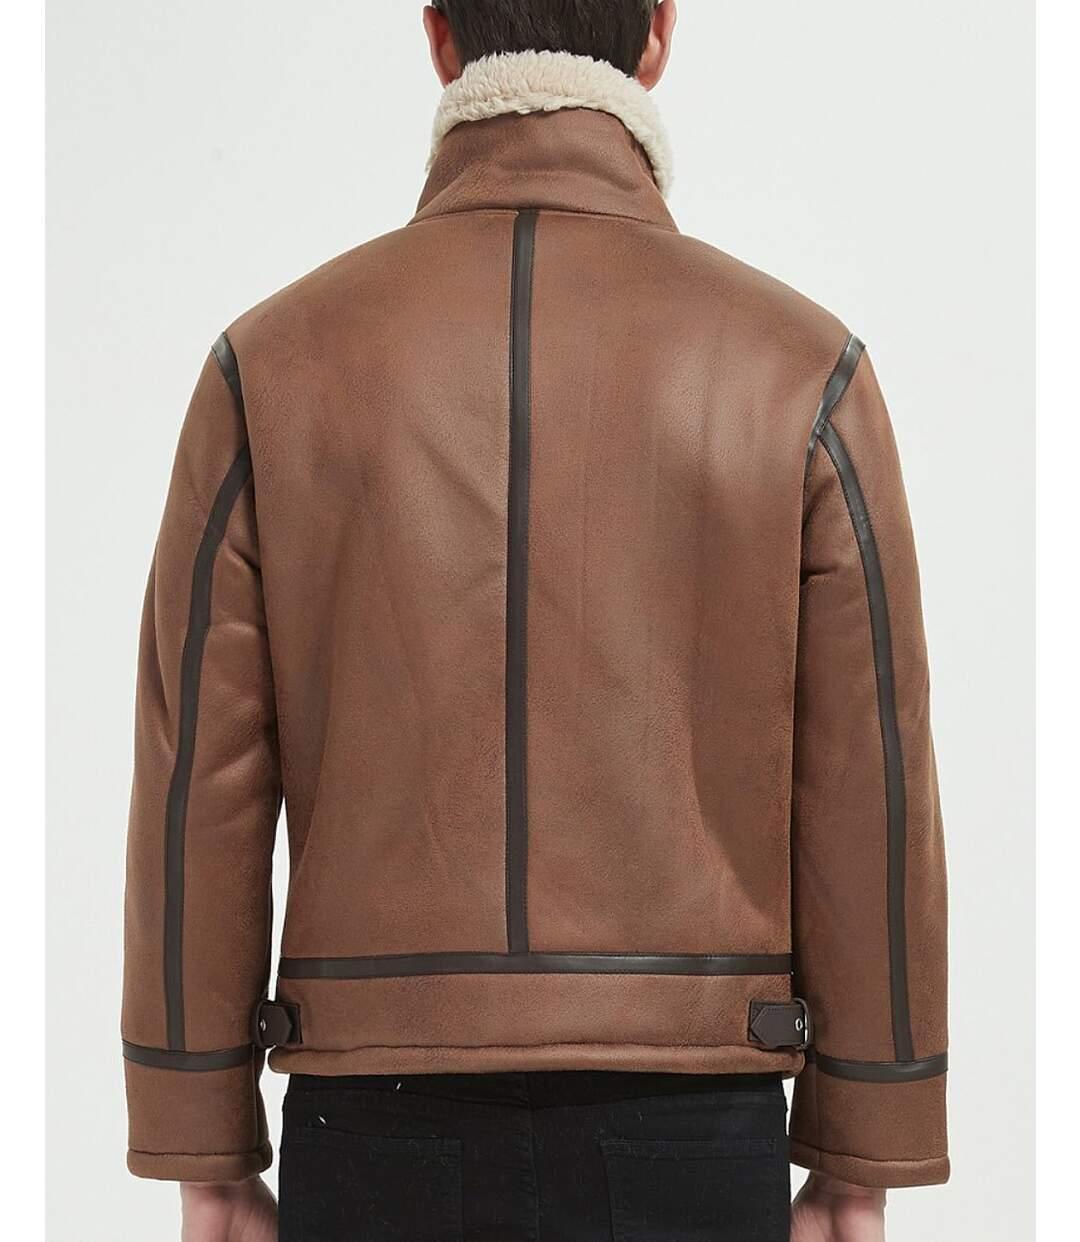 Veste aviateur marron camel avec simili cuir et doublure sherpa beige pour homme